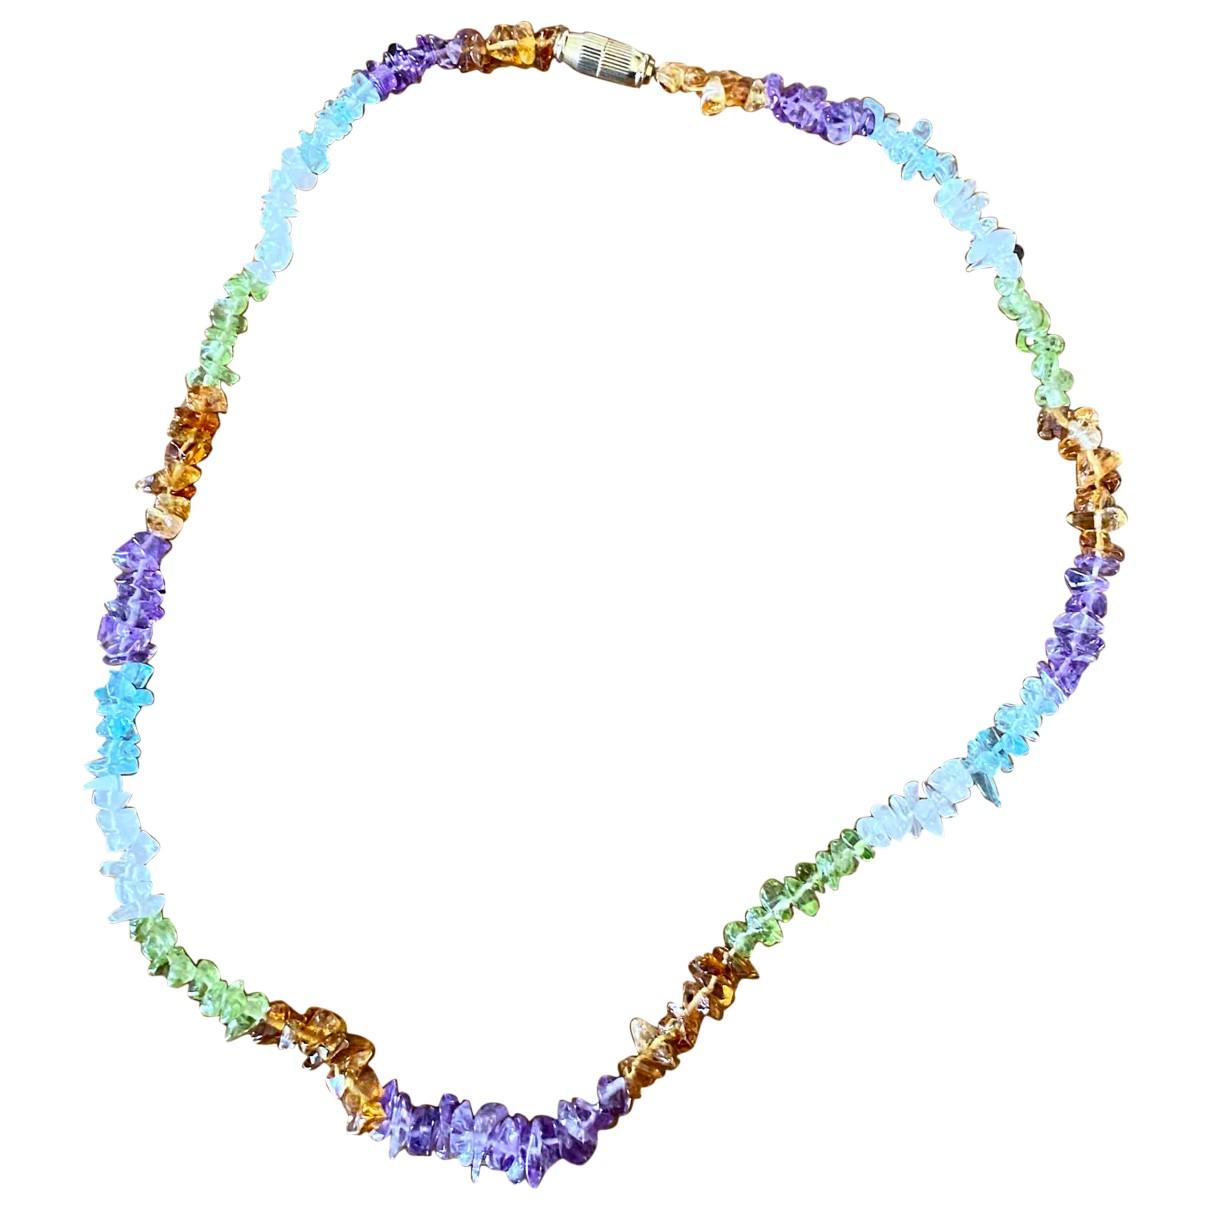 - Collier Amethyste pour femme en perles